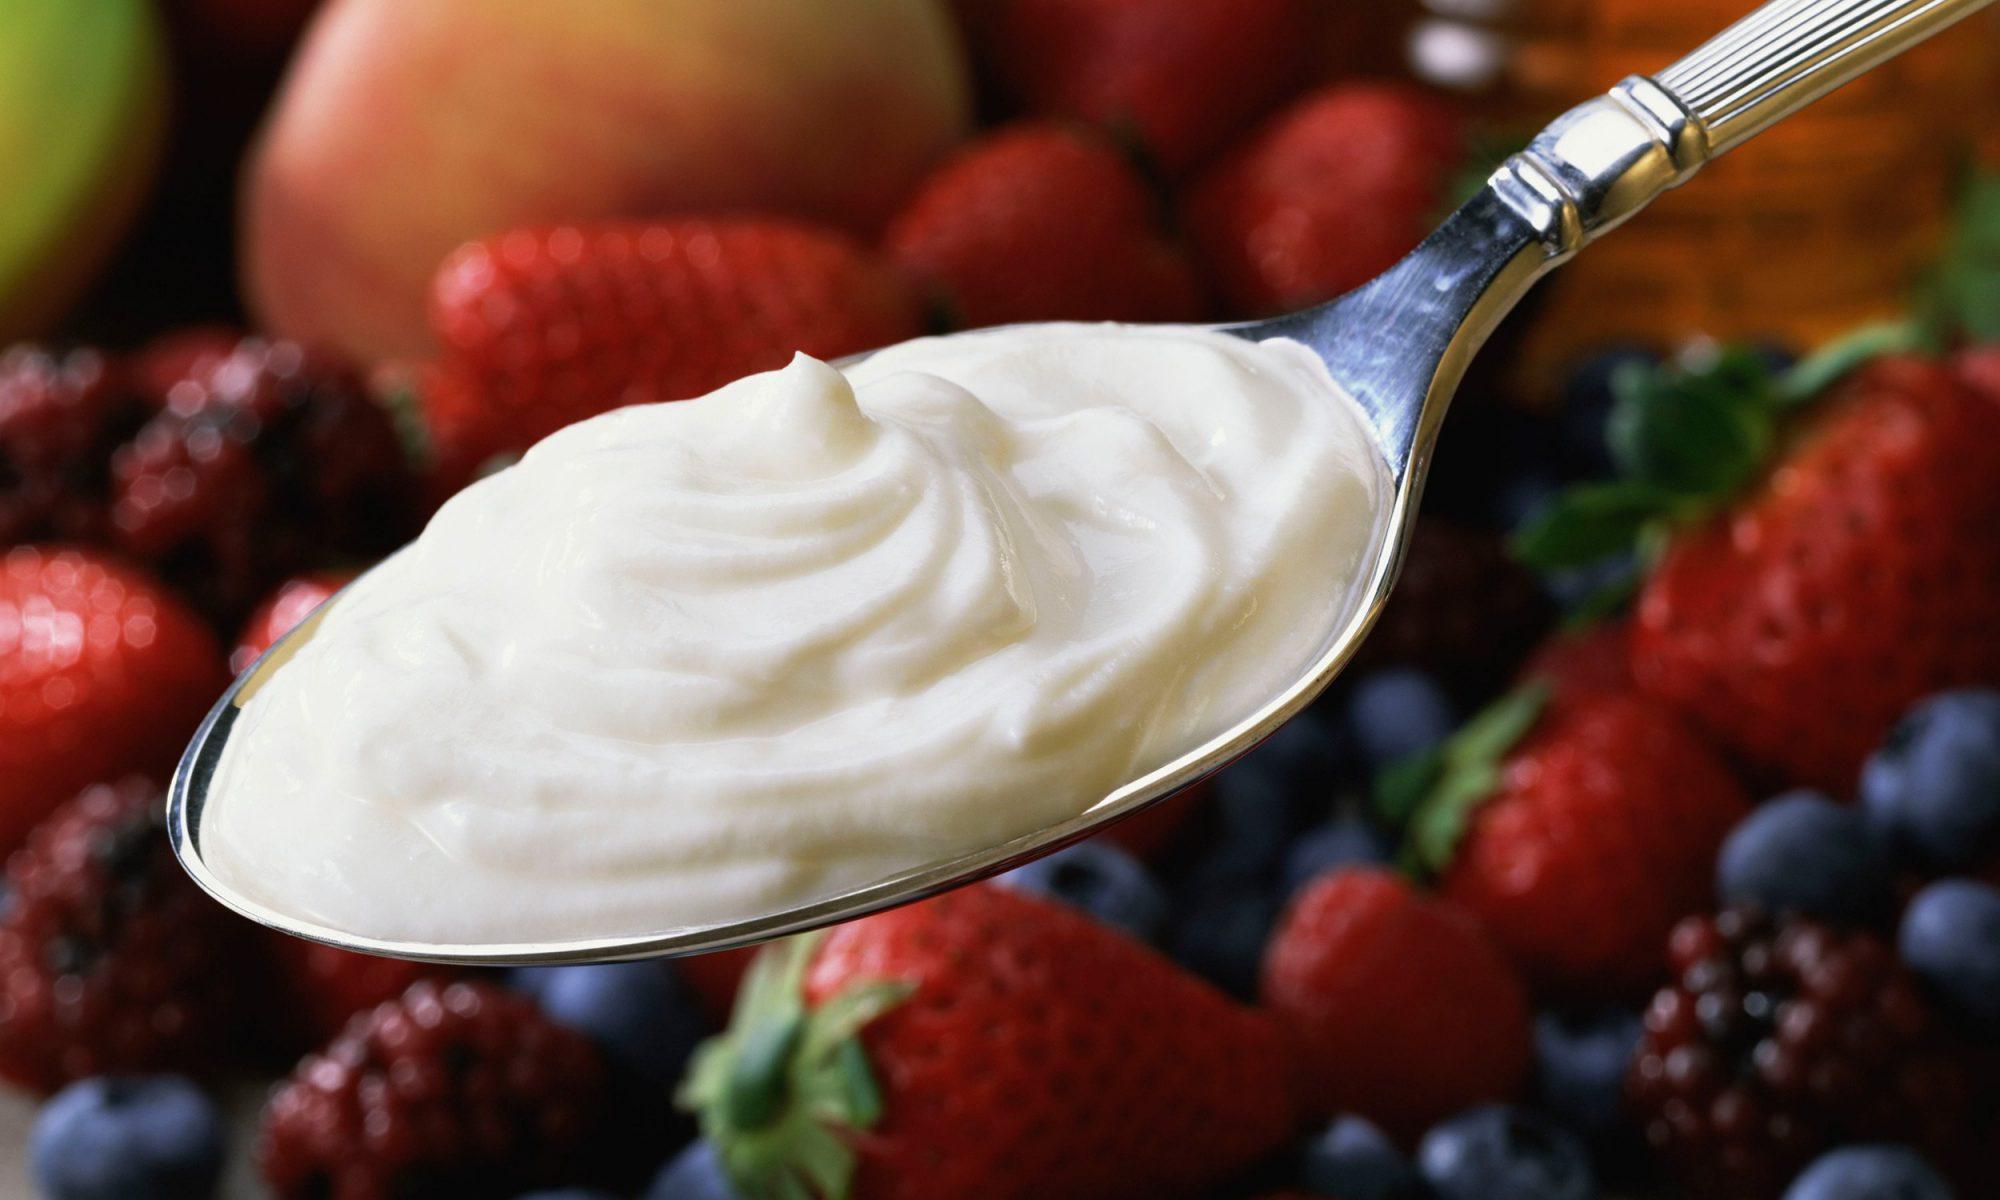 spoon full of cream